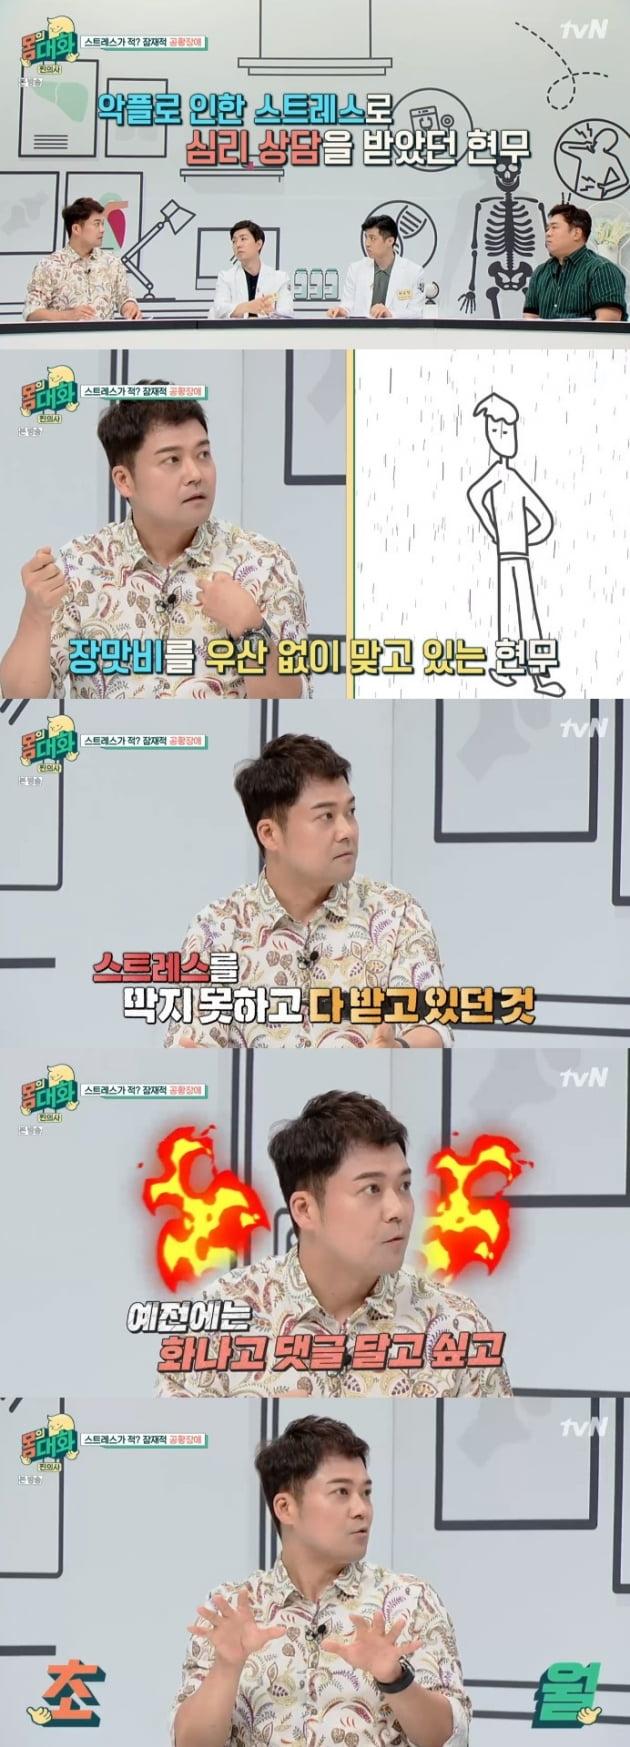 '몸의 대화' 전현무 / 사진 = tvN 영상 캡처